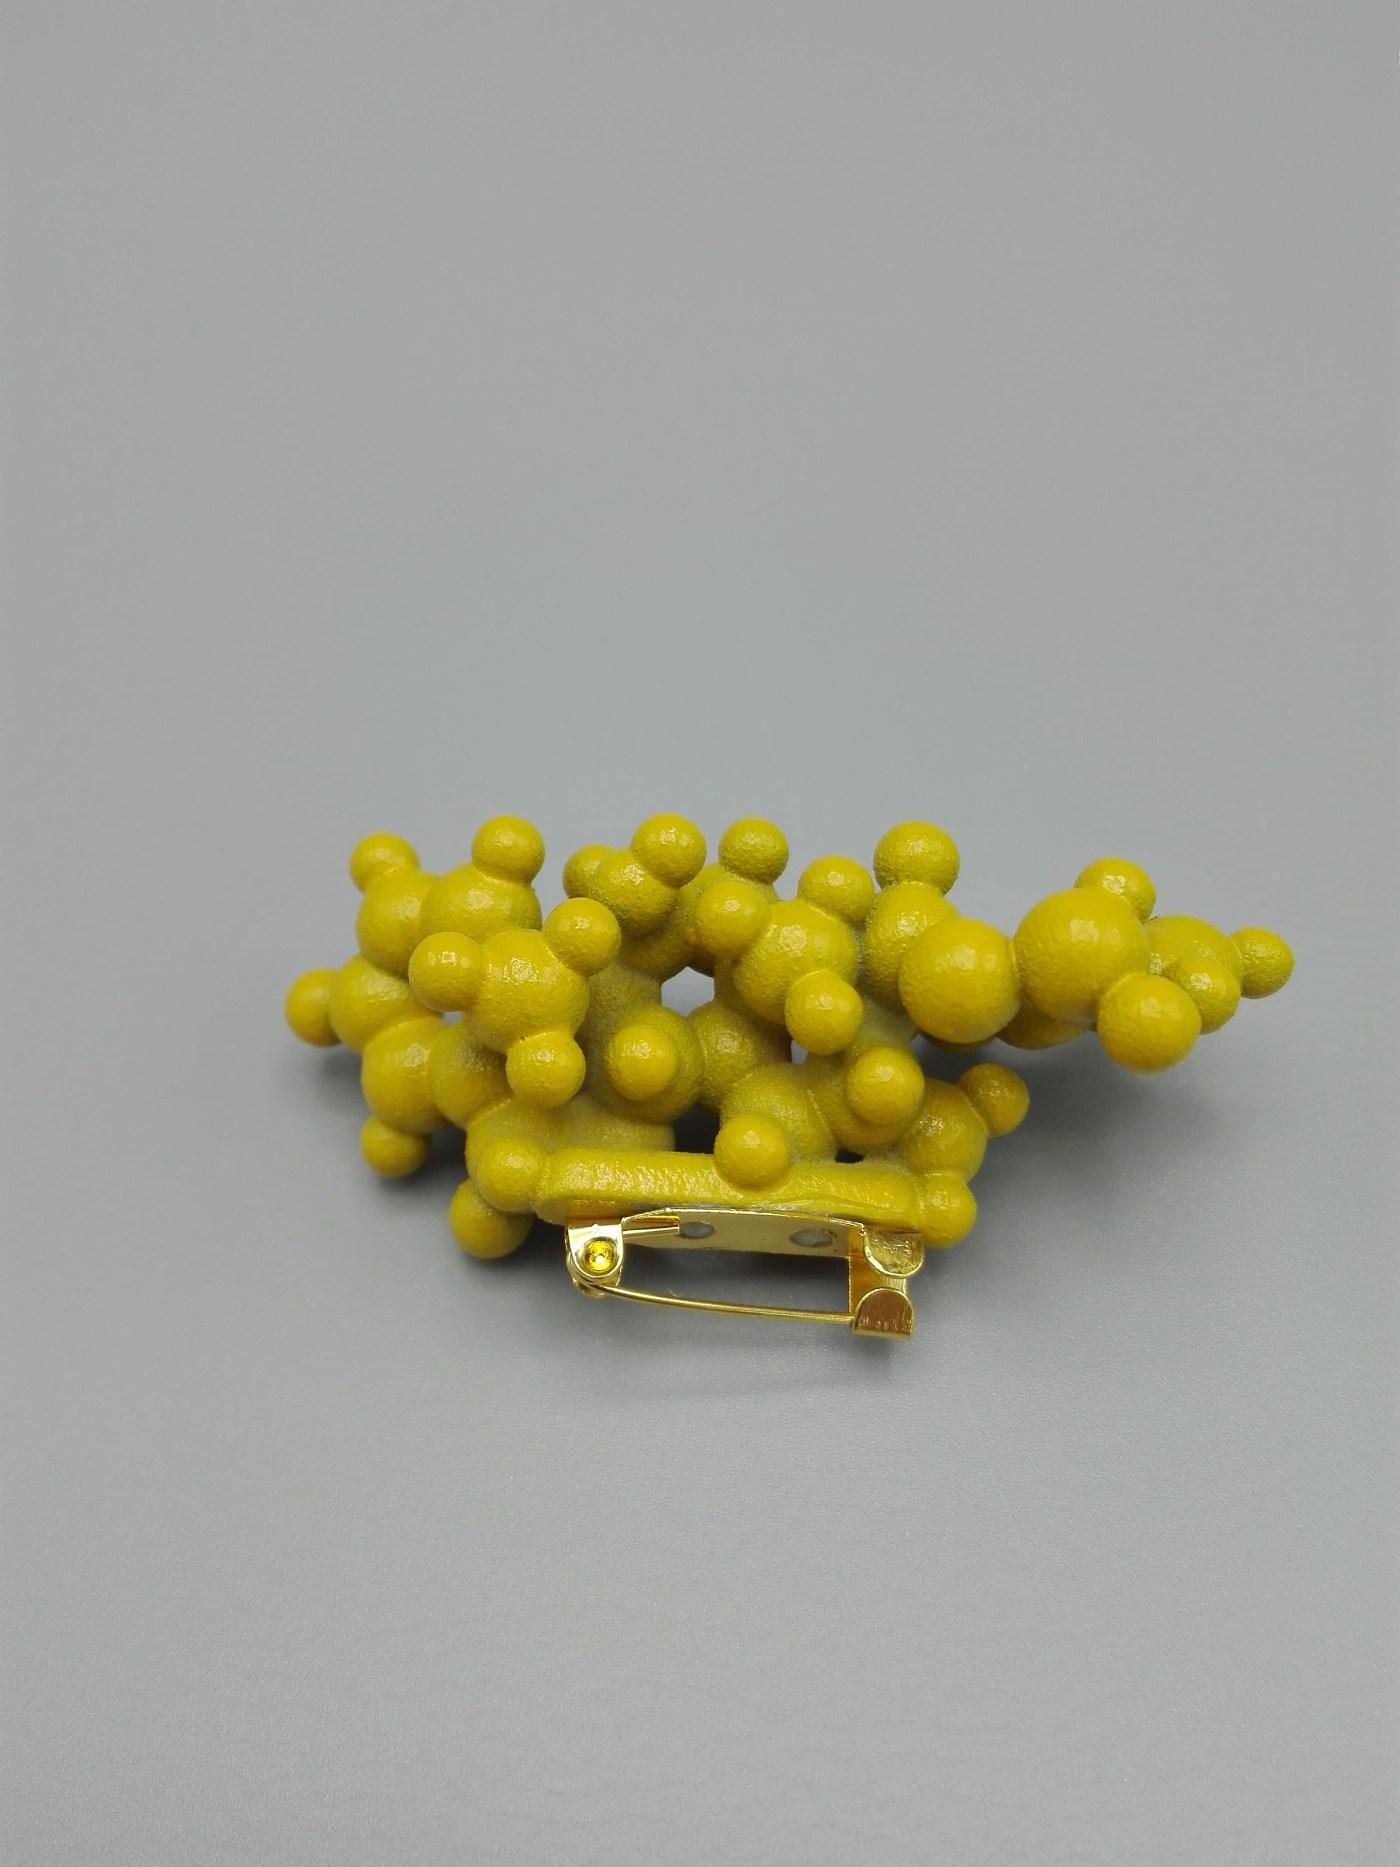 3d printed brooch of molecule